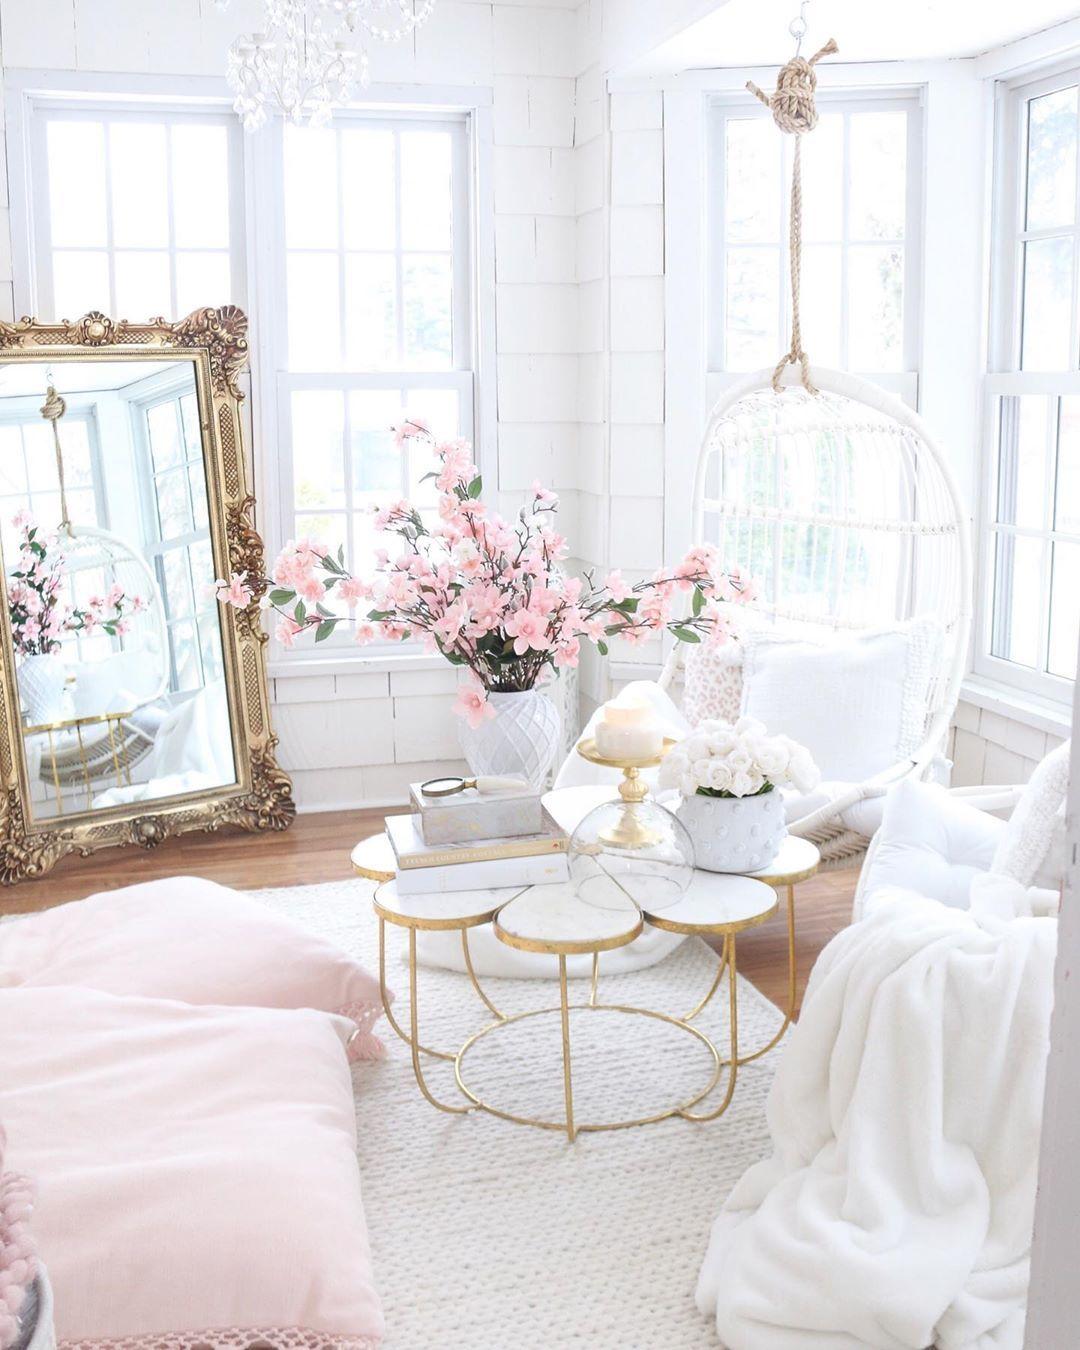 Glam Living Room Design mit antikem französischen Bodenspiegel und Kirschblüten via @tanyarng